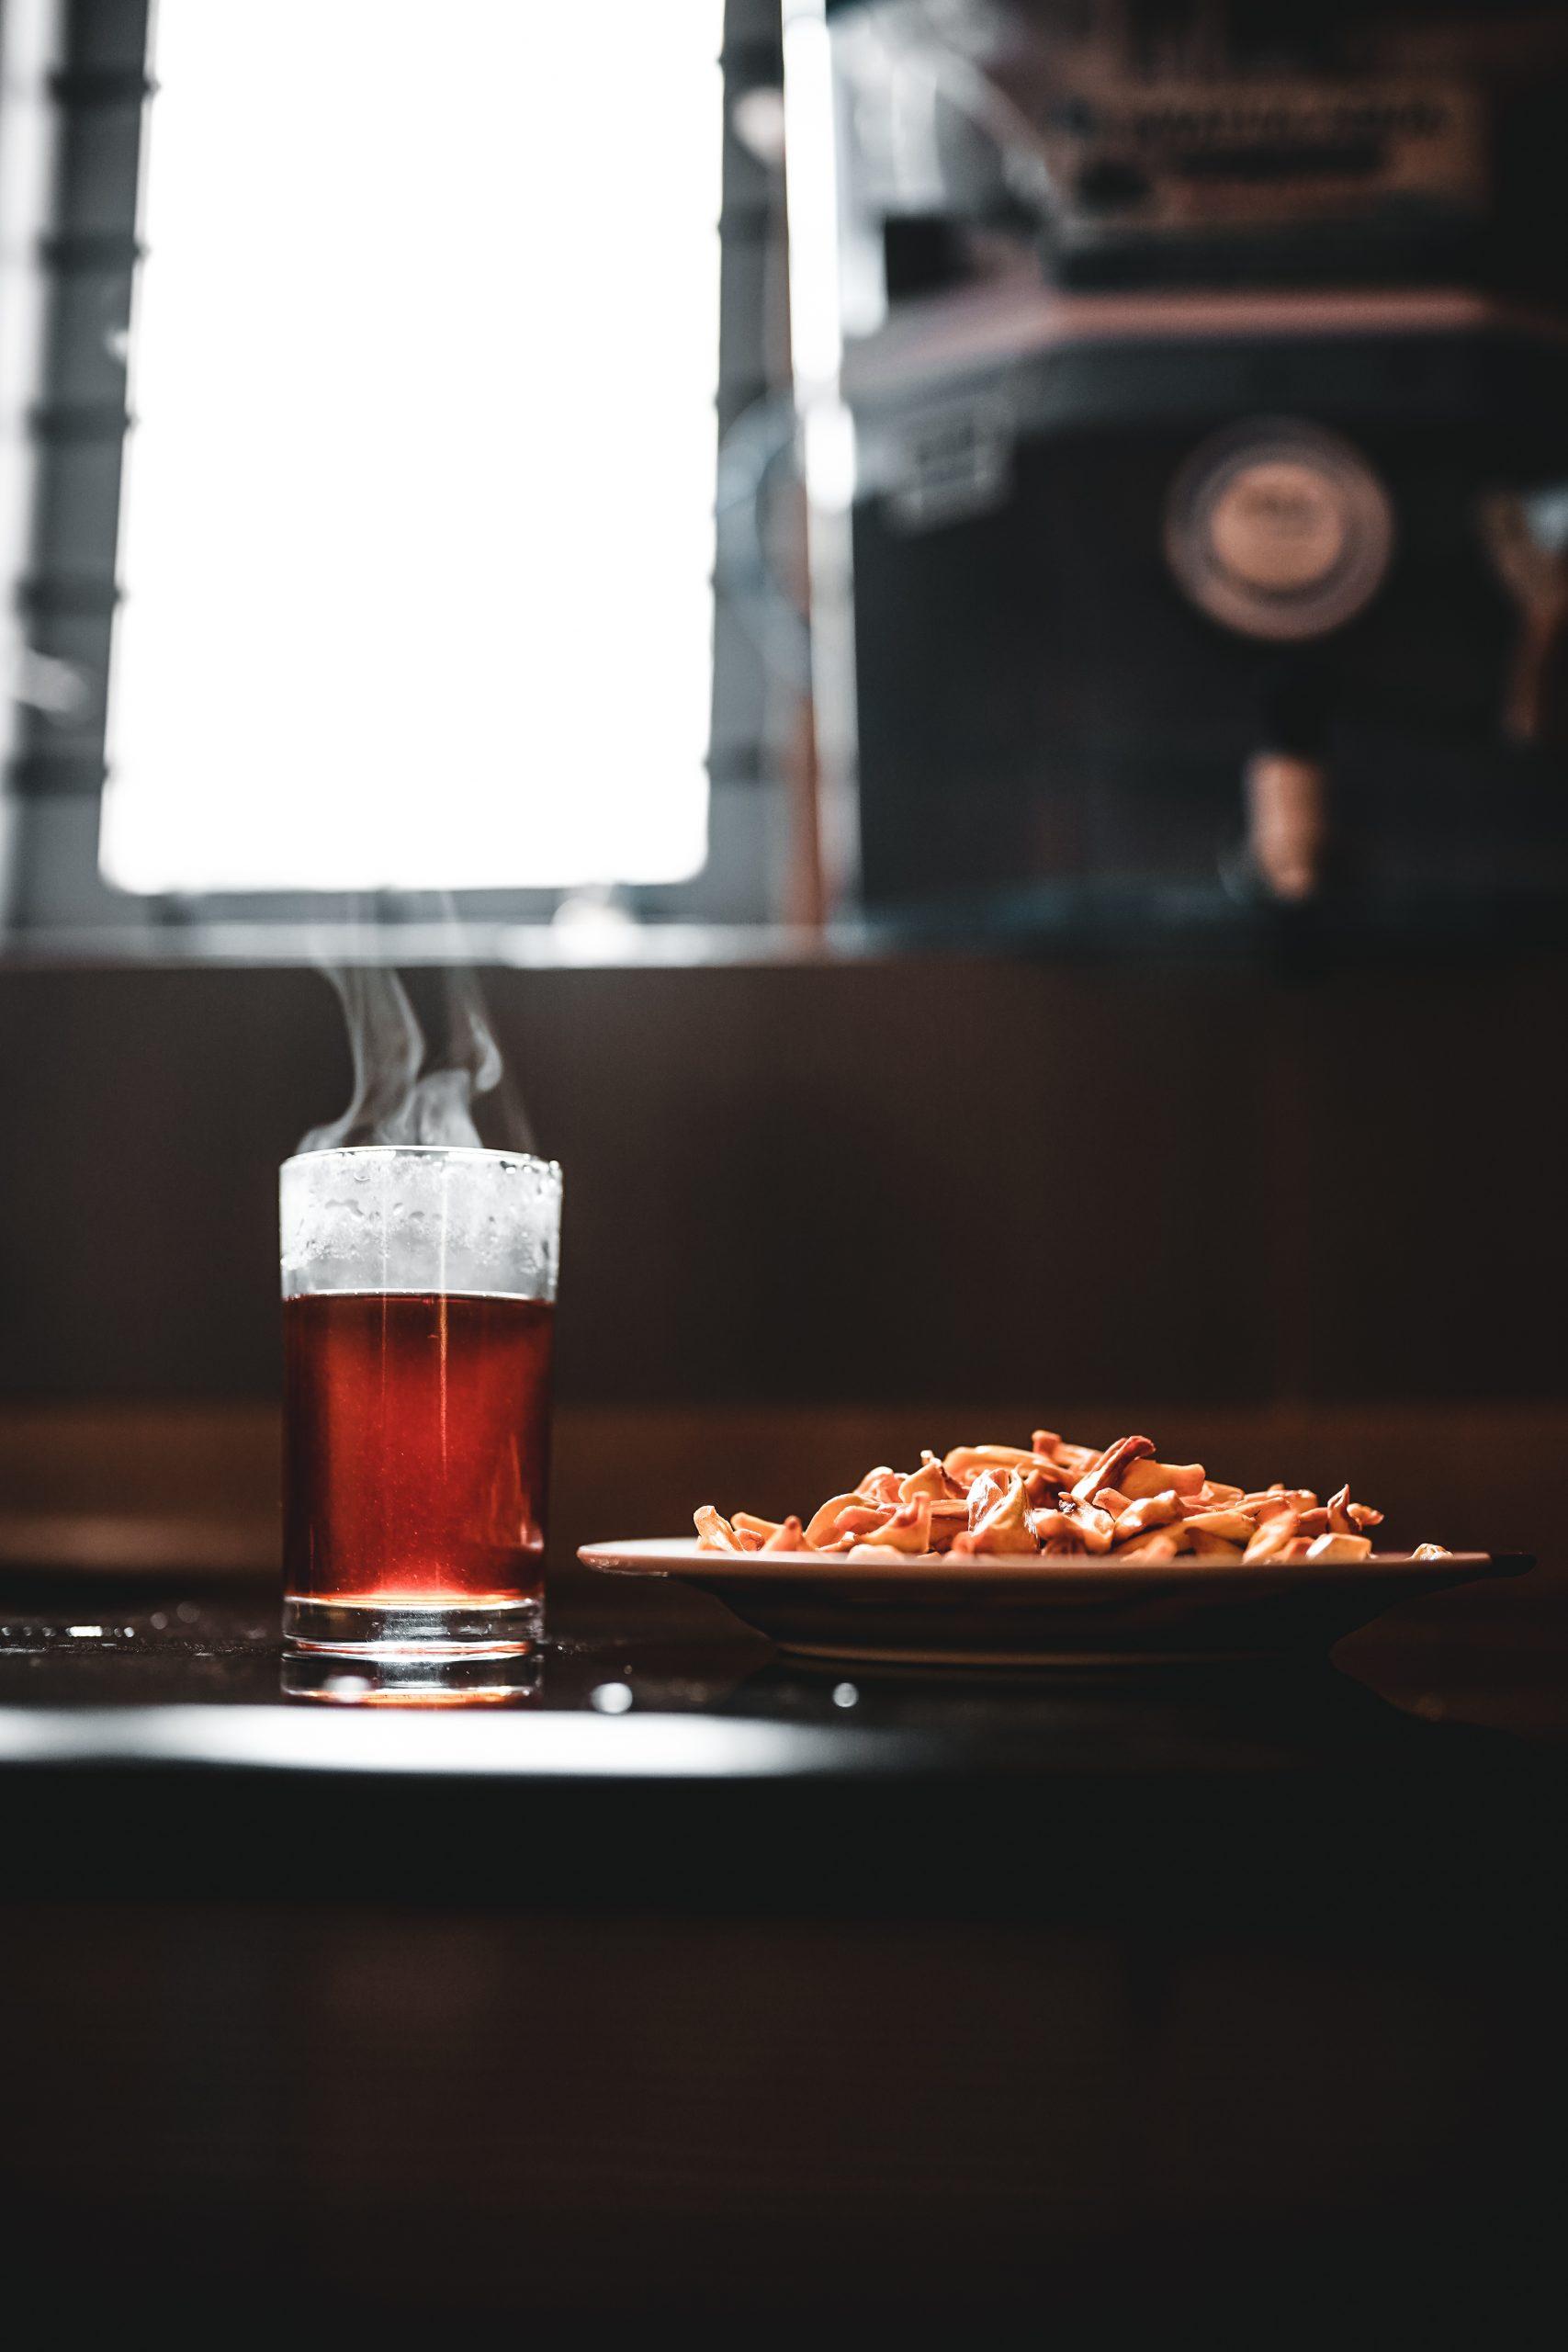 Black tea and snacks